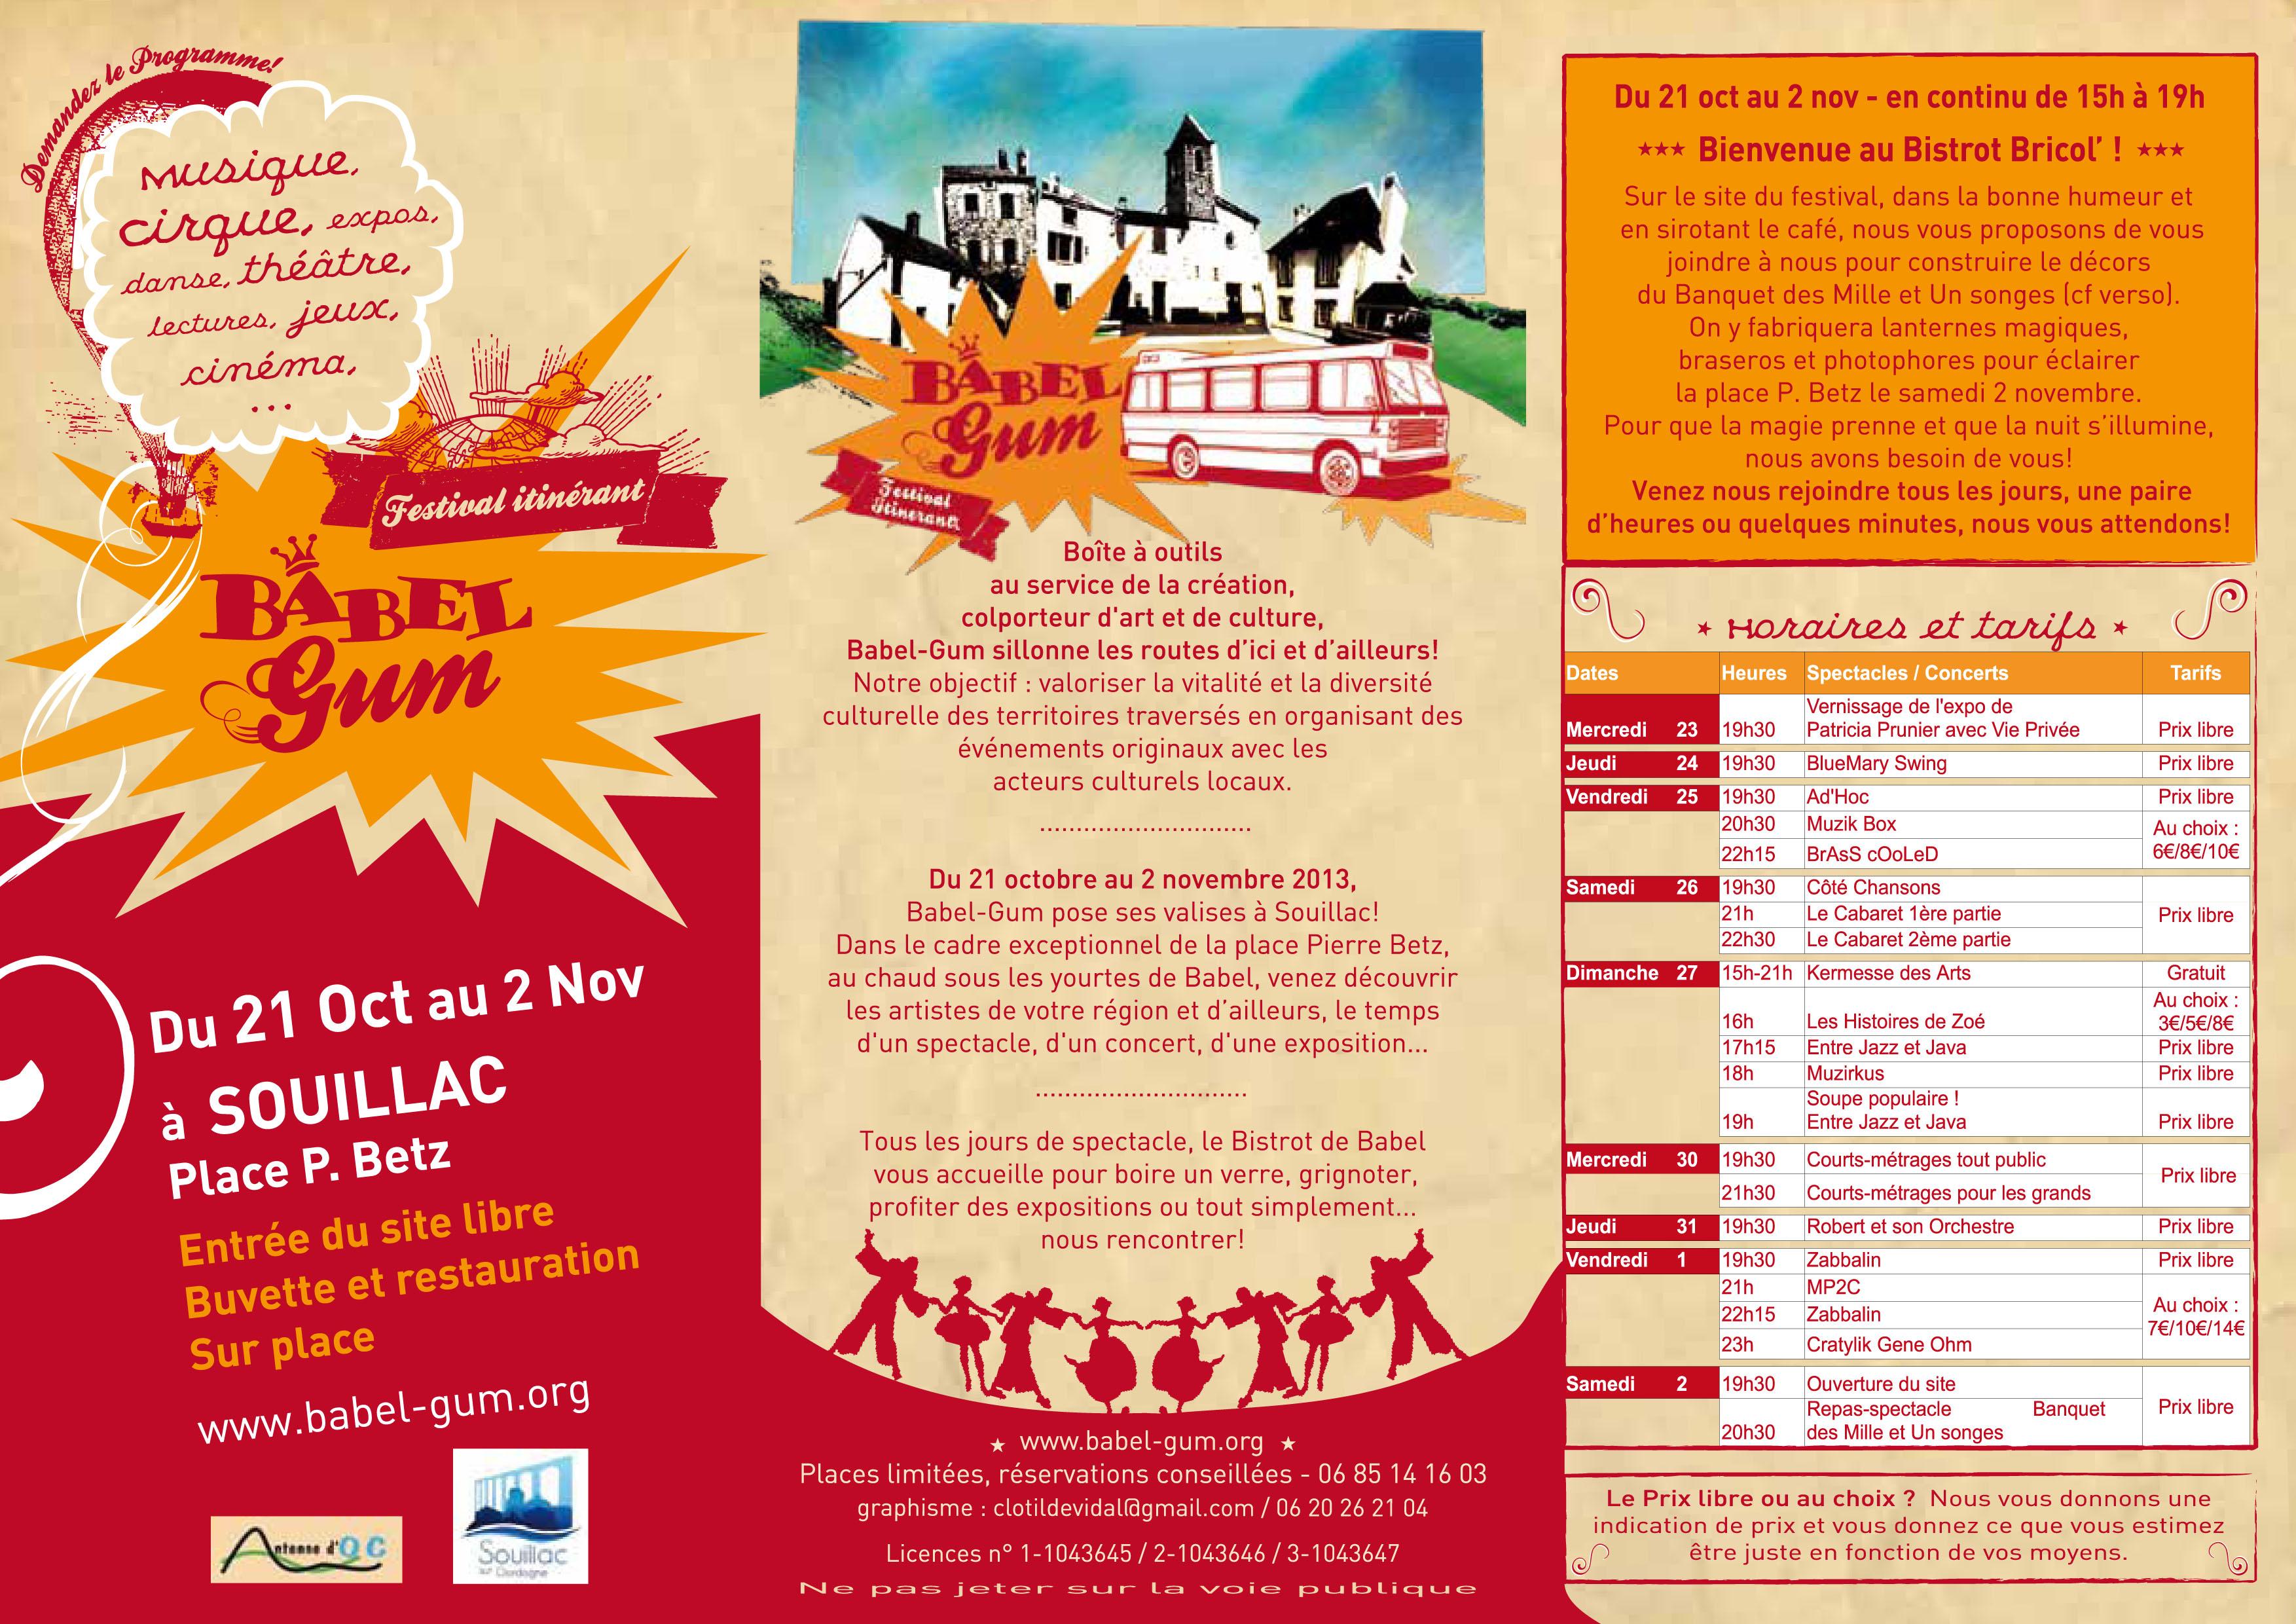 programme ext festival Babel-Gum